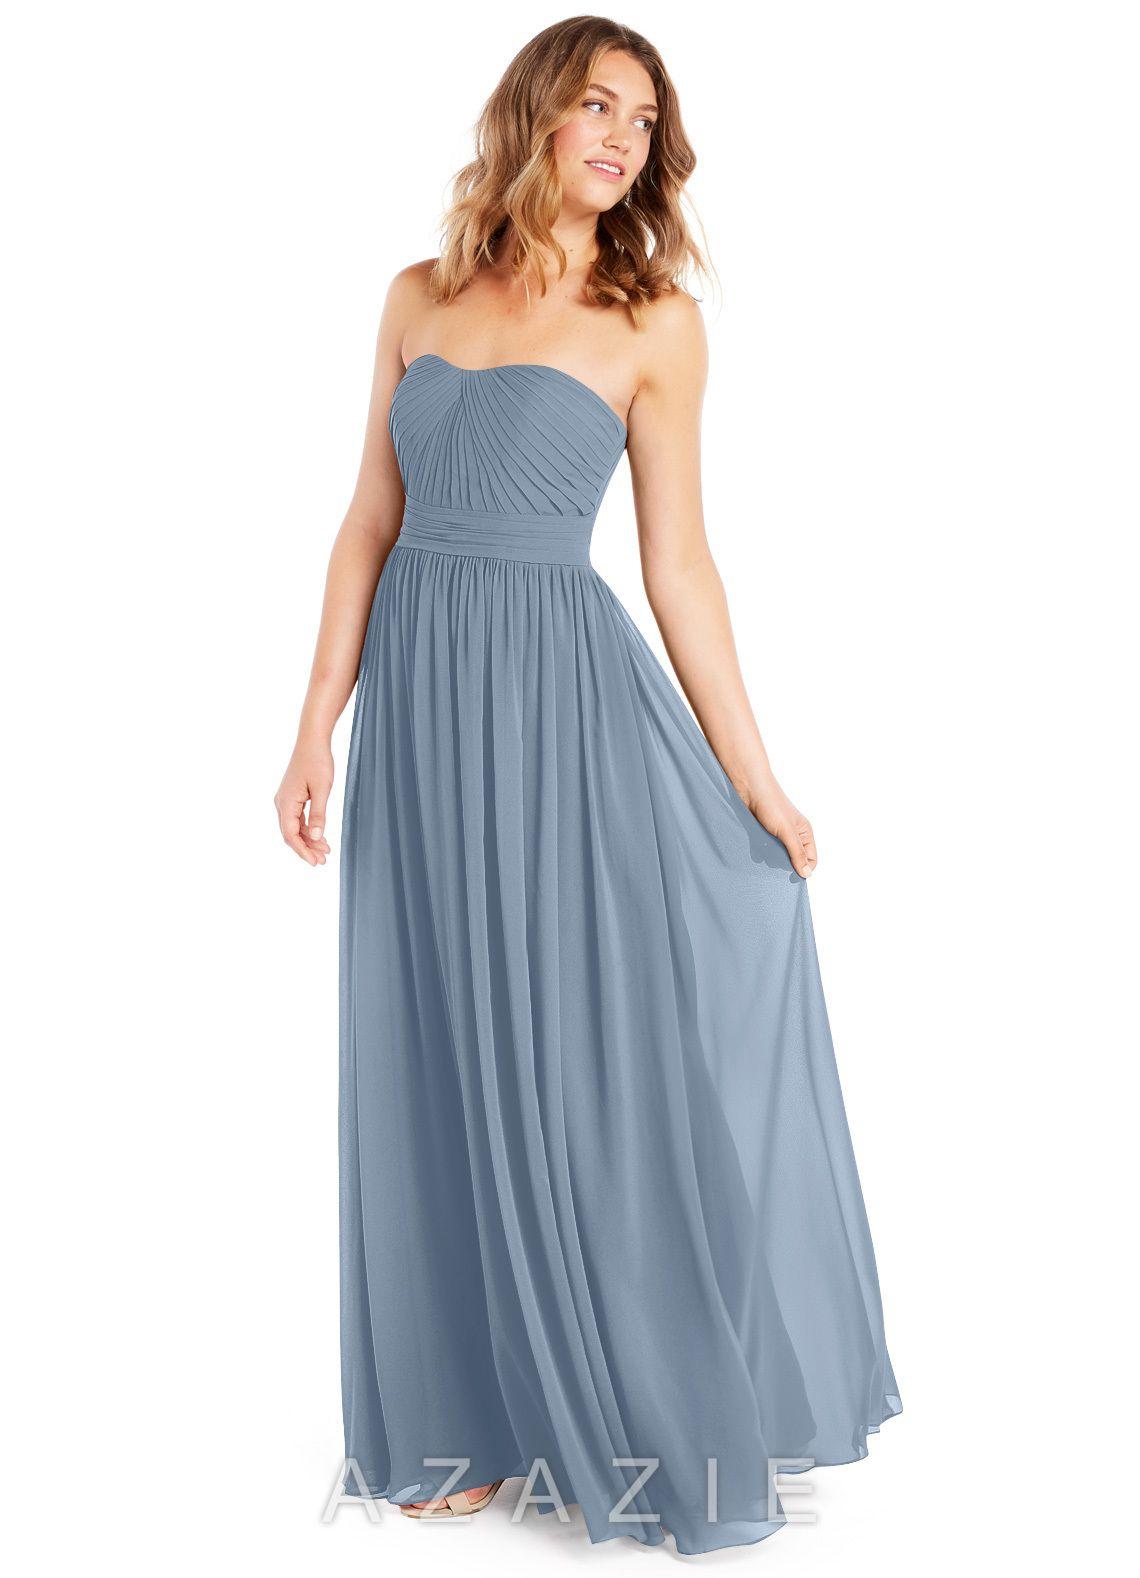 981f22908da Azazie Milagros Bridesmaid Dress - Dusty Blue